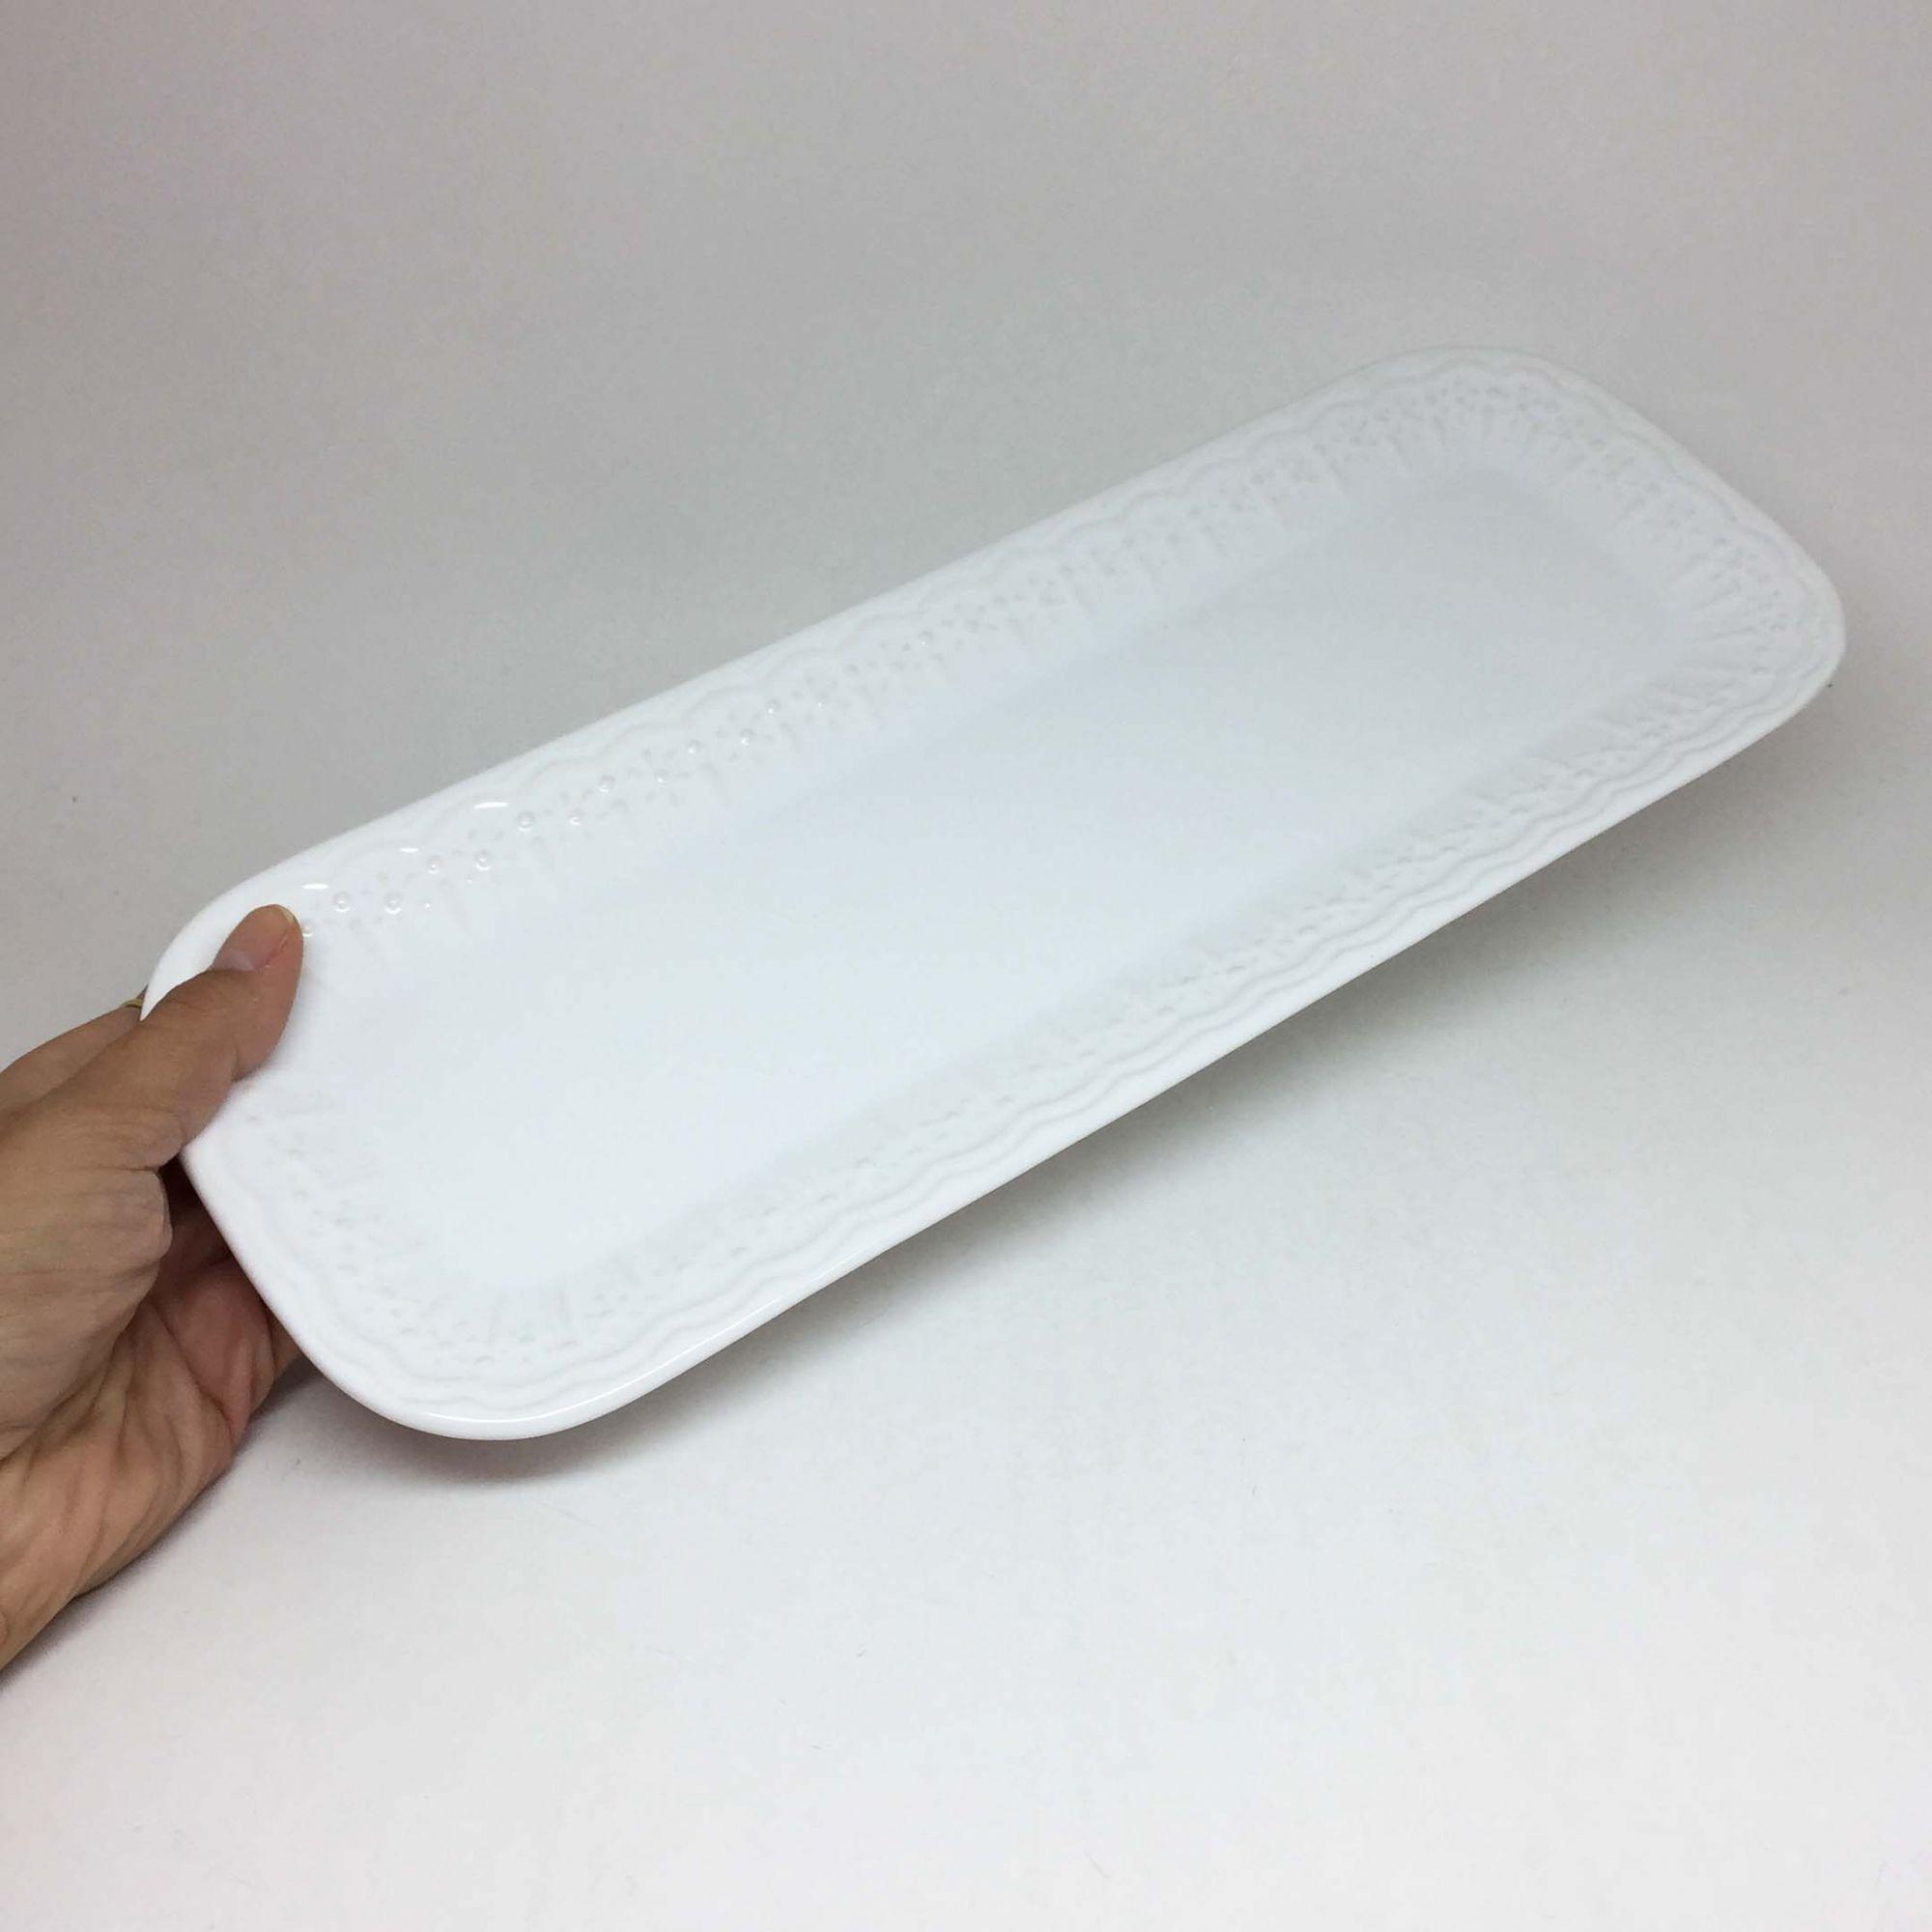 Travessa de Cerâmica Retangular Branca Clássica